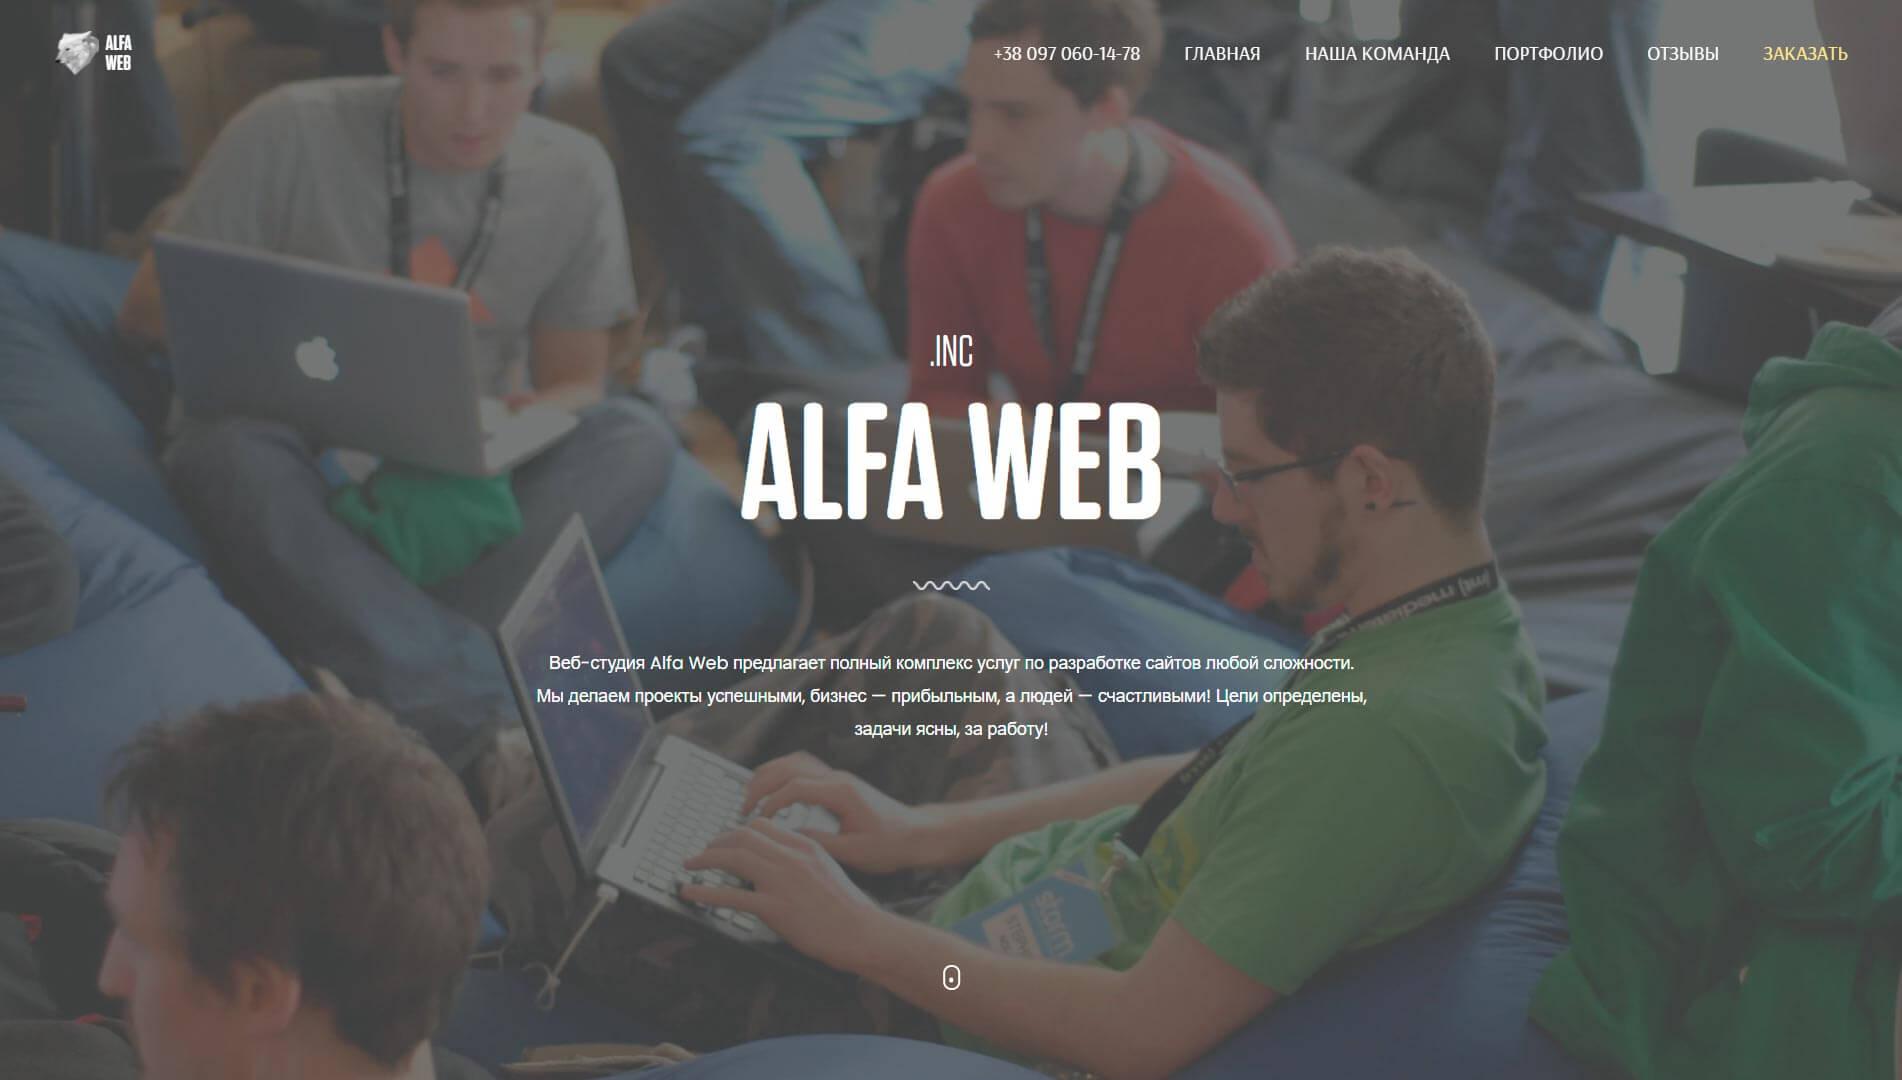 ALFA WEB - обзор компании, услуги, отзывы, клиенты, Фото № 1 - google-seo.pro